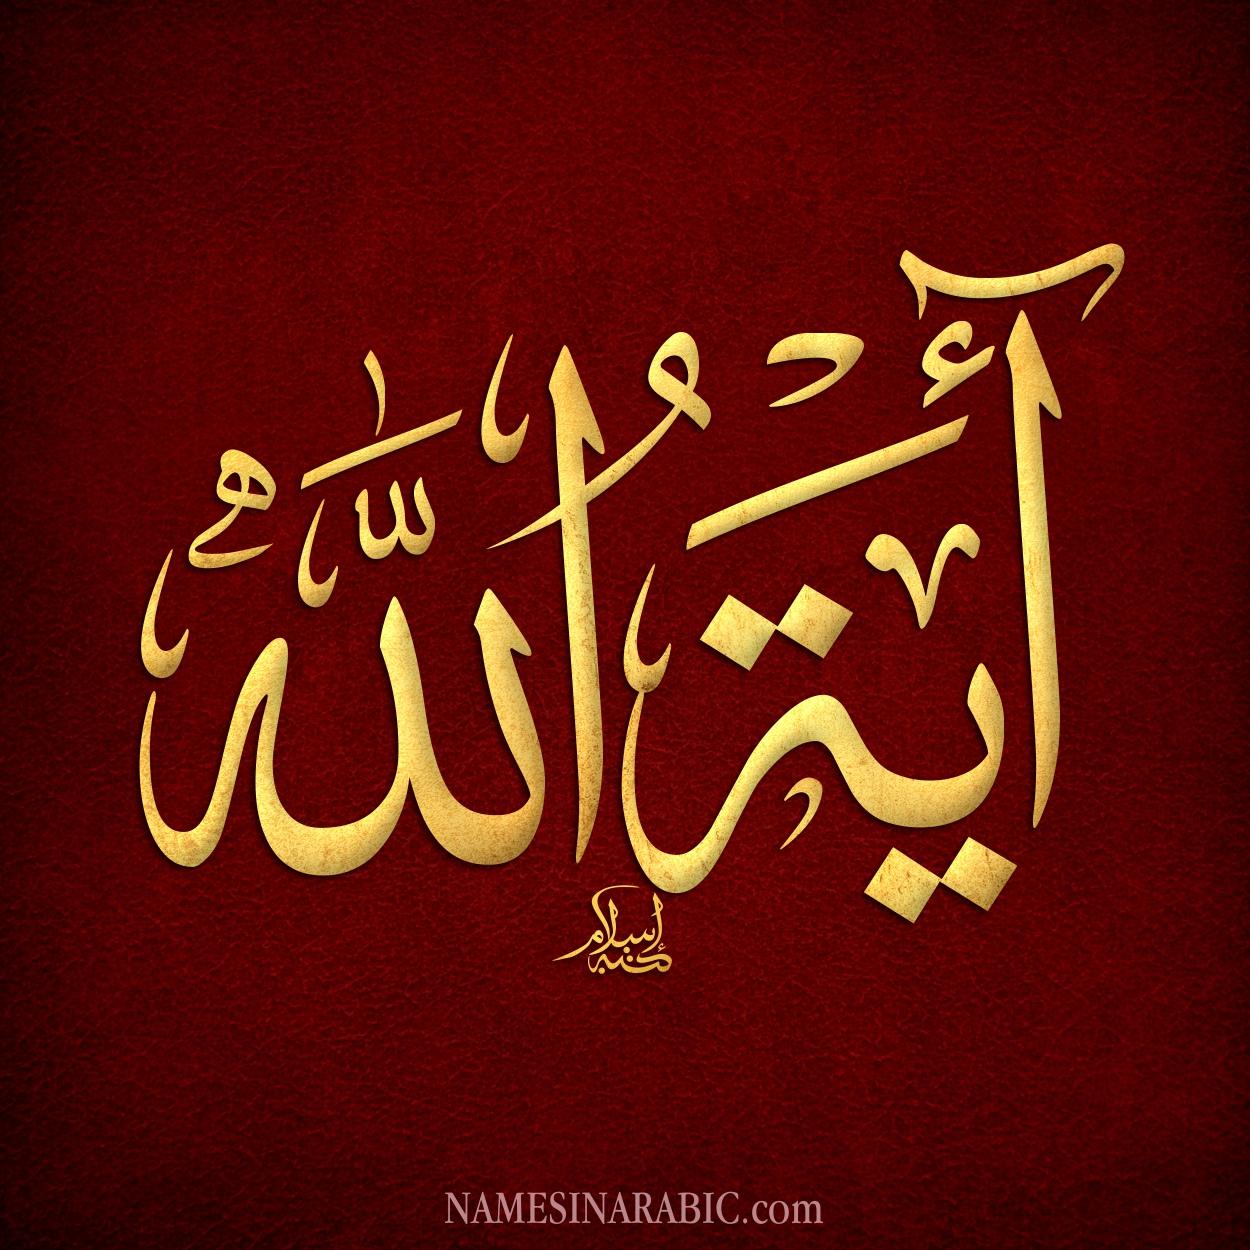 صورة اسم اية Aya اسم اية بالخط العربي من موقع الأسماء بالخط العربي بريشة الفنان إسلام ابن الفضل